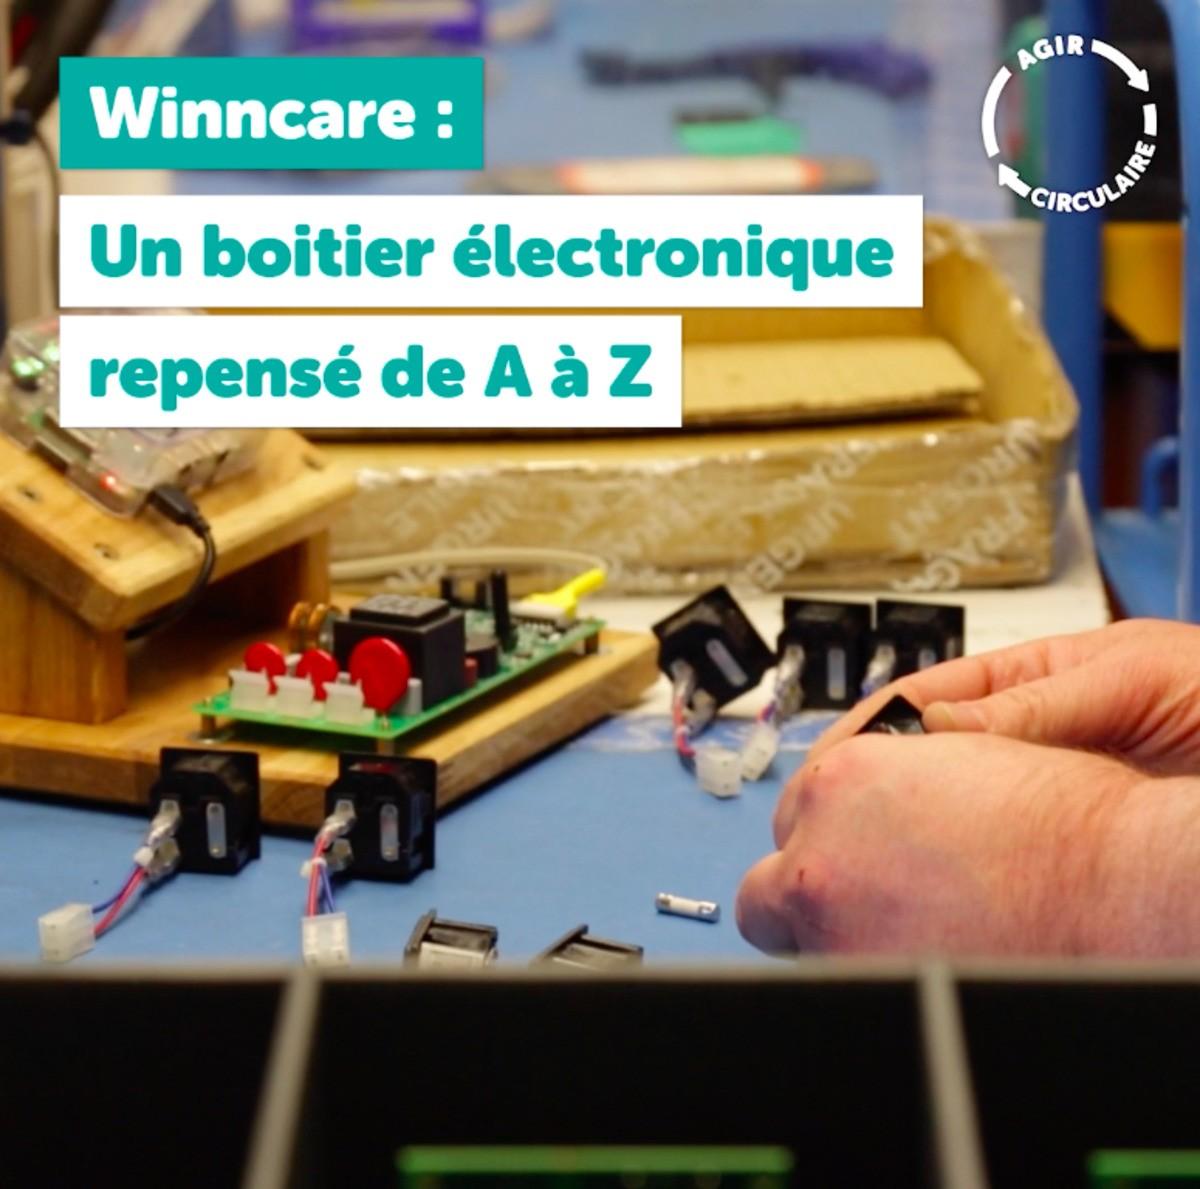 3ème épisode de la Web série #Agircirculaire -  @Winncare, un boitier électronique repensé de A à Z !